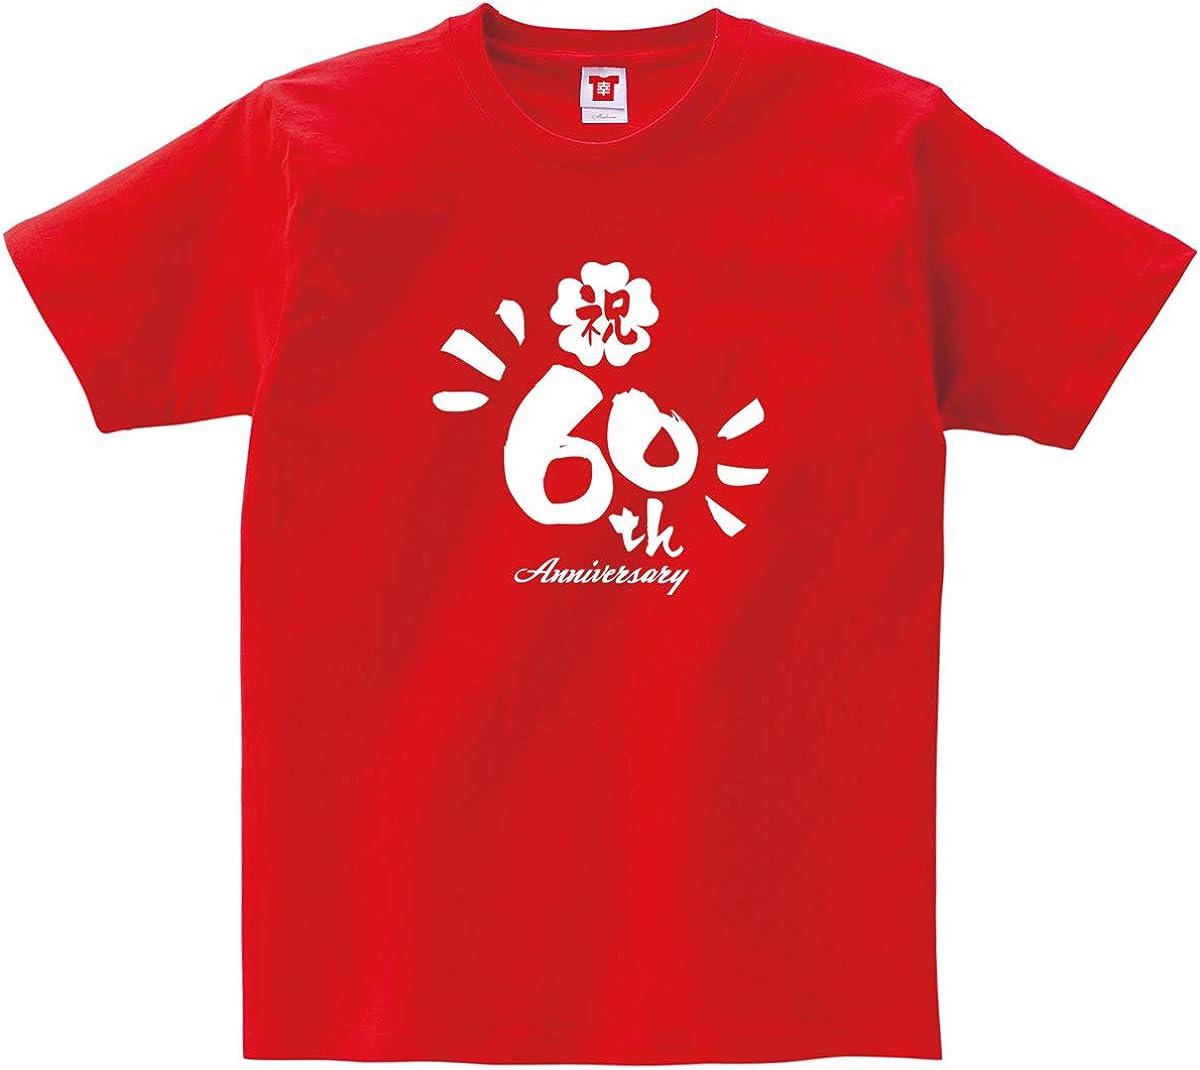 還暦のお祝い Tシャツ 「60th 筆文字」半袖 還暦祝い 60歳 Tシャツ ギフト・プレゼント Amazon